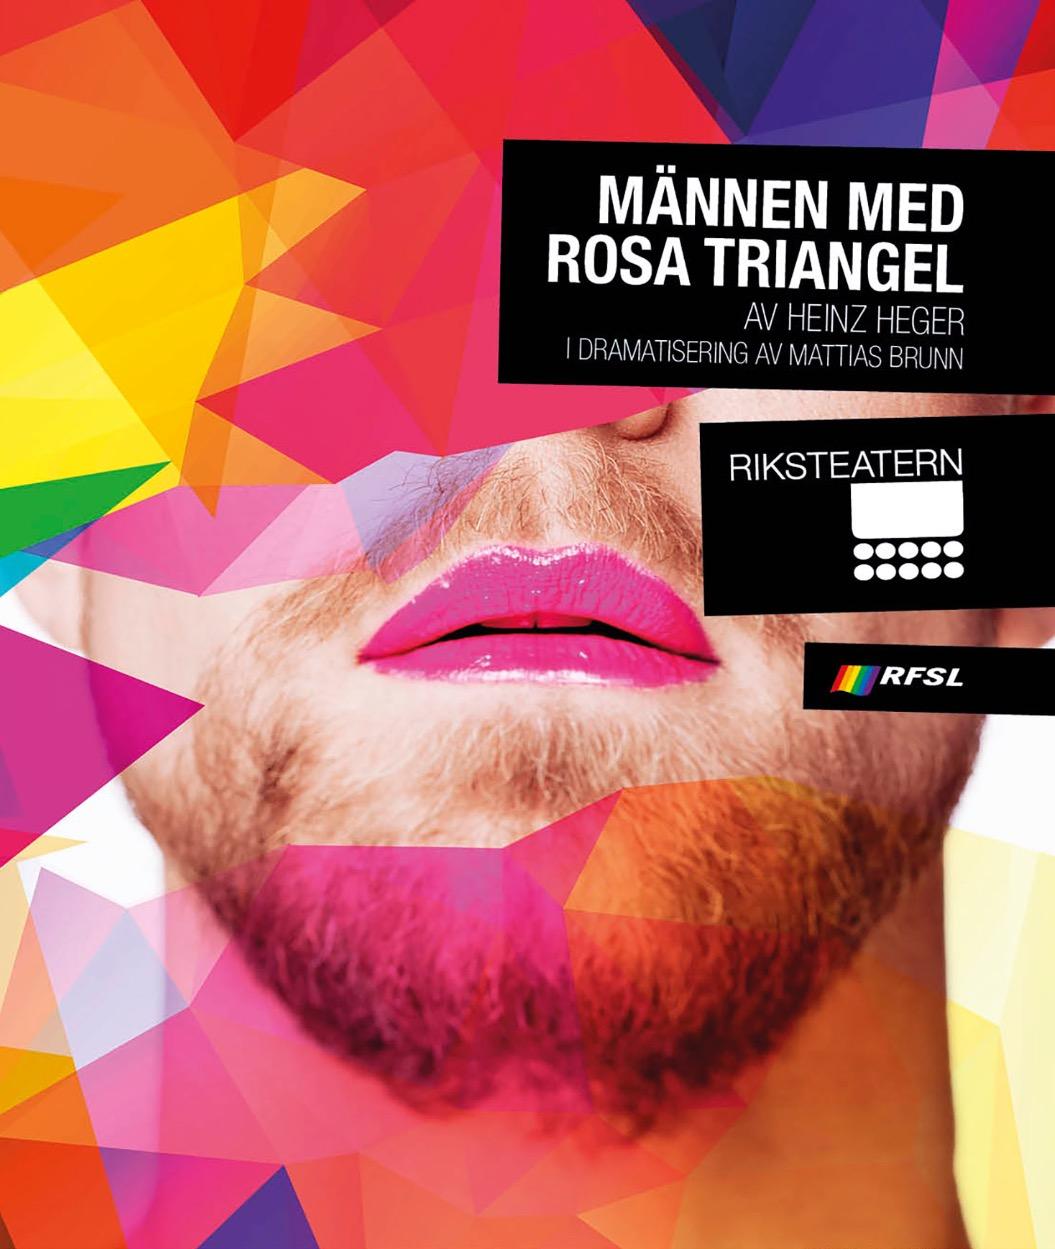 Männen med rosa triangel